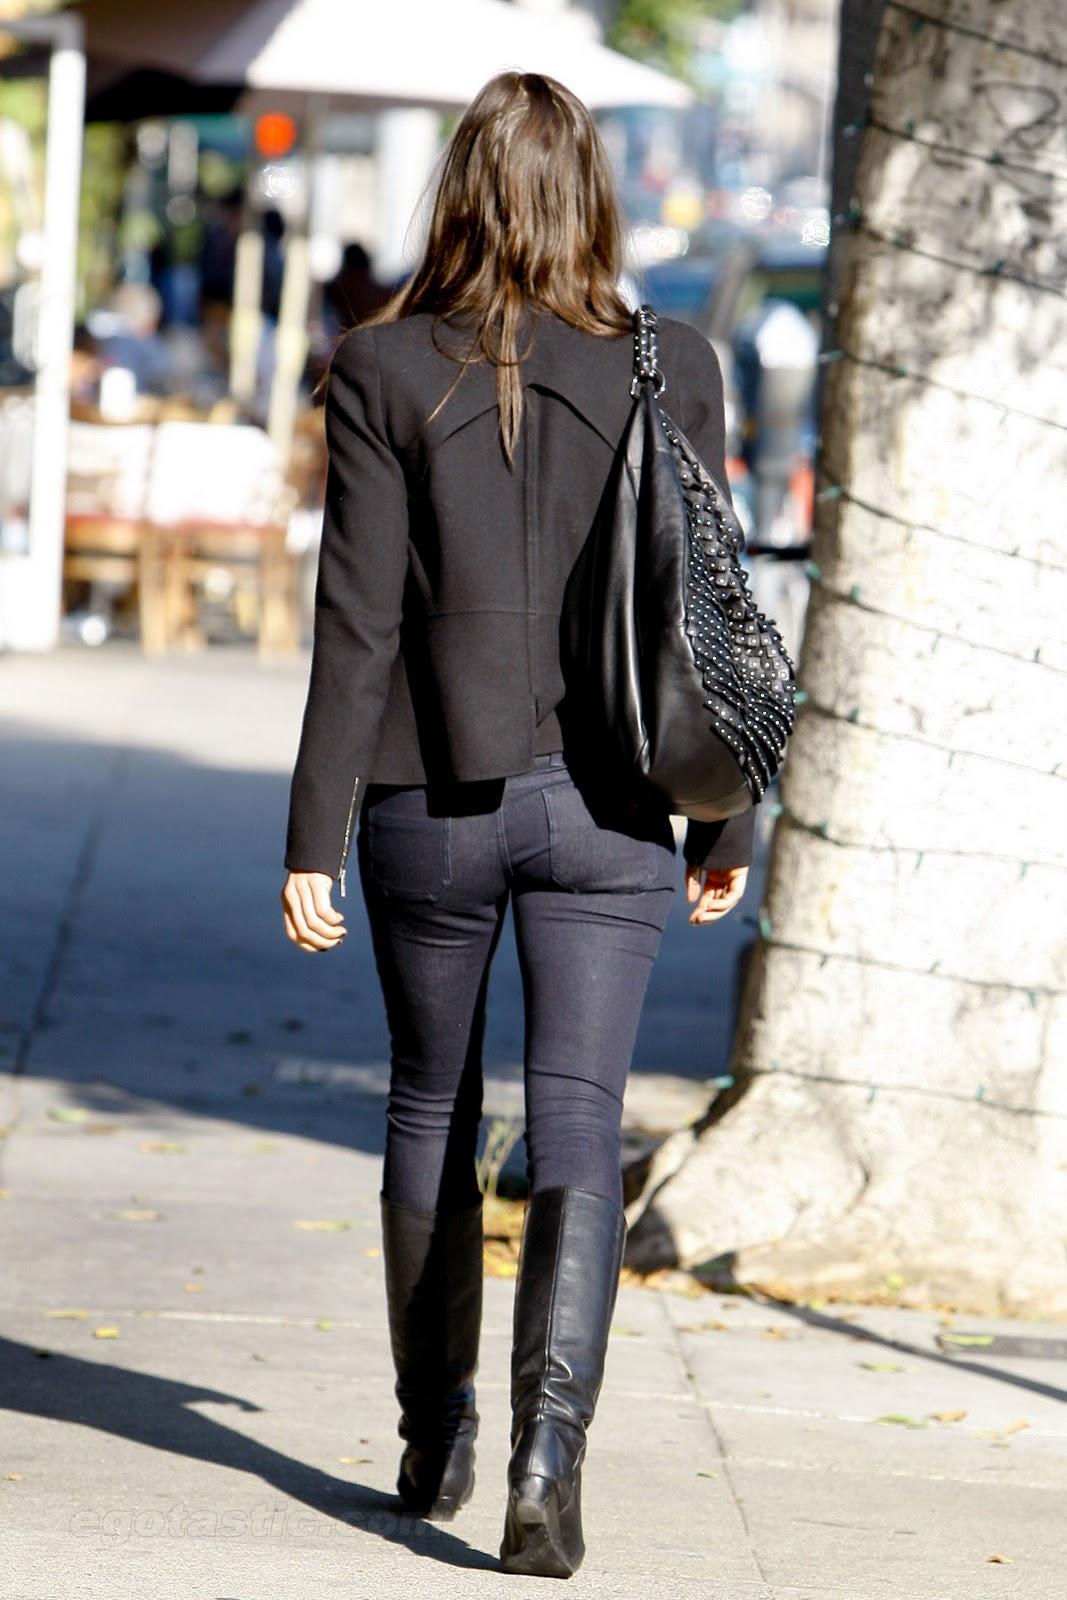 http://1.bp.blogspot.com/_b50bgnXUzGc/TQKlGcnHHXI/AAAAAAAABWw/4ad2MPXpi-A/s1600/jessica-biel-tight-pants-01.jpg